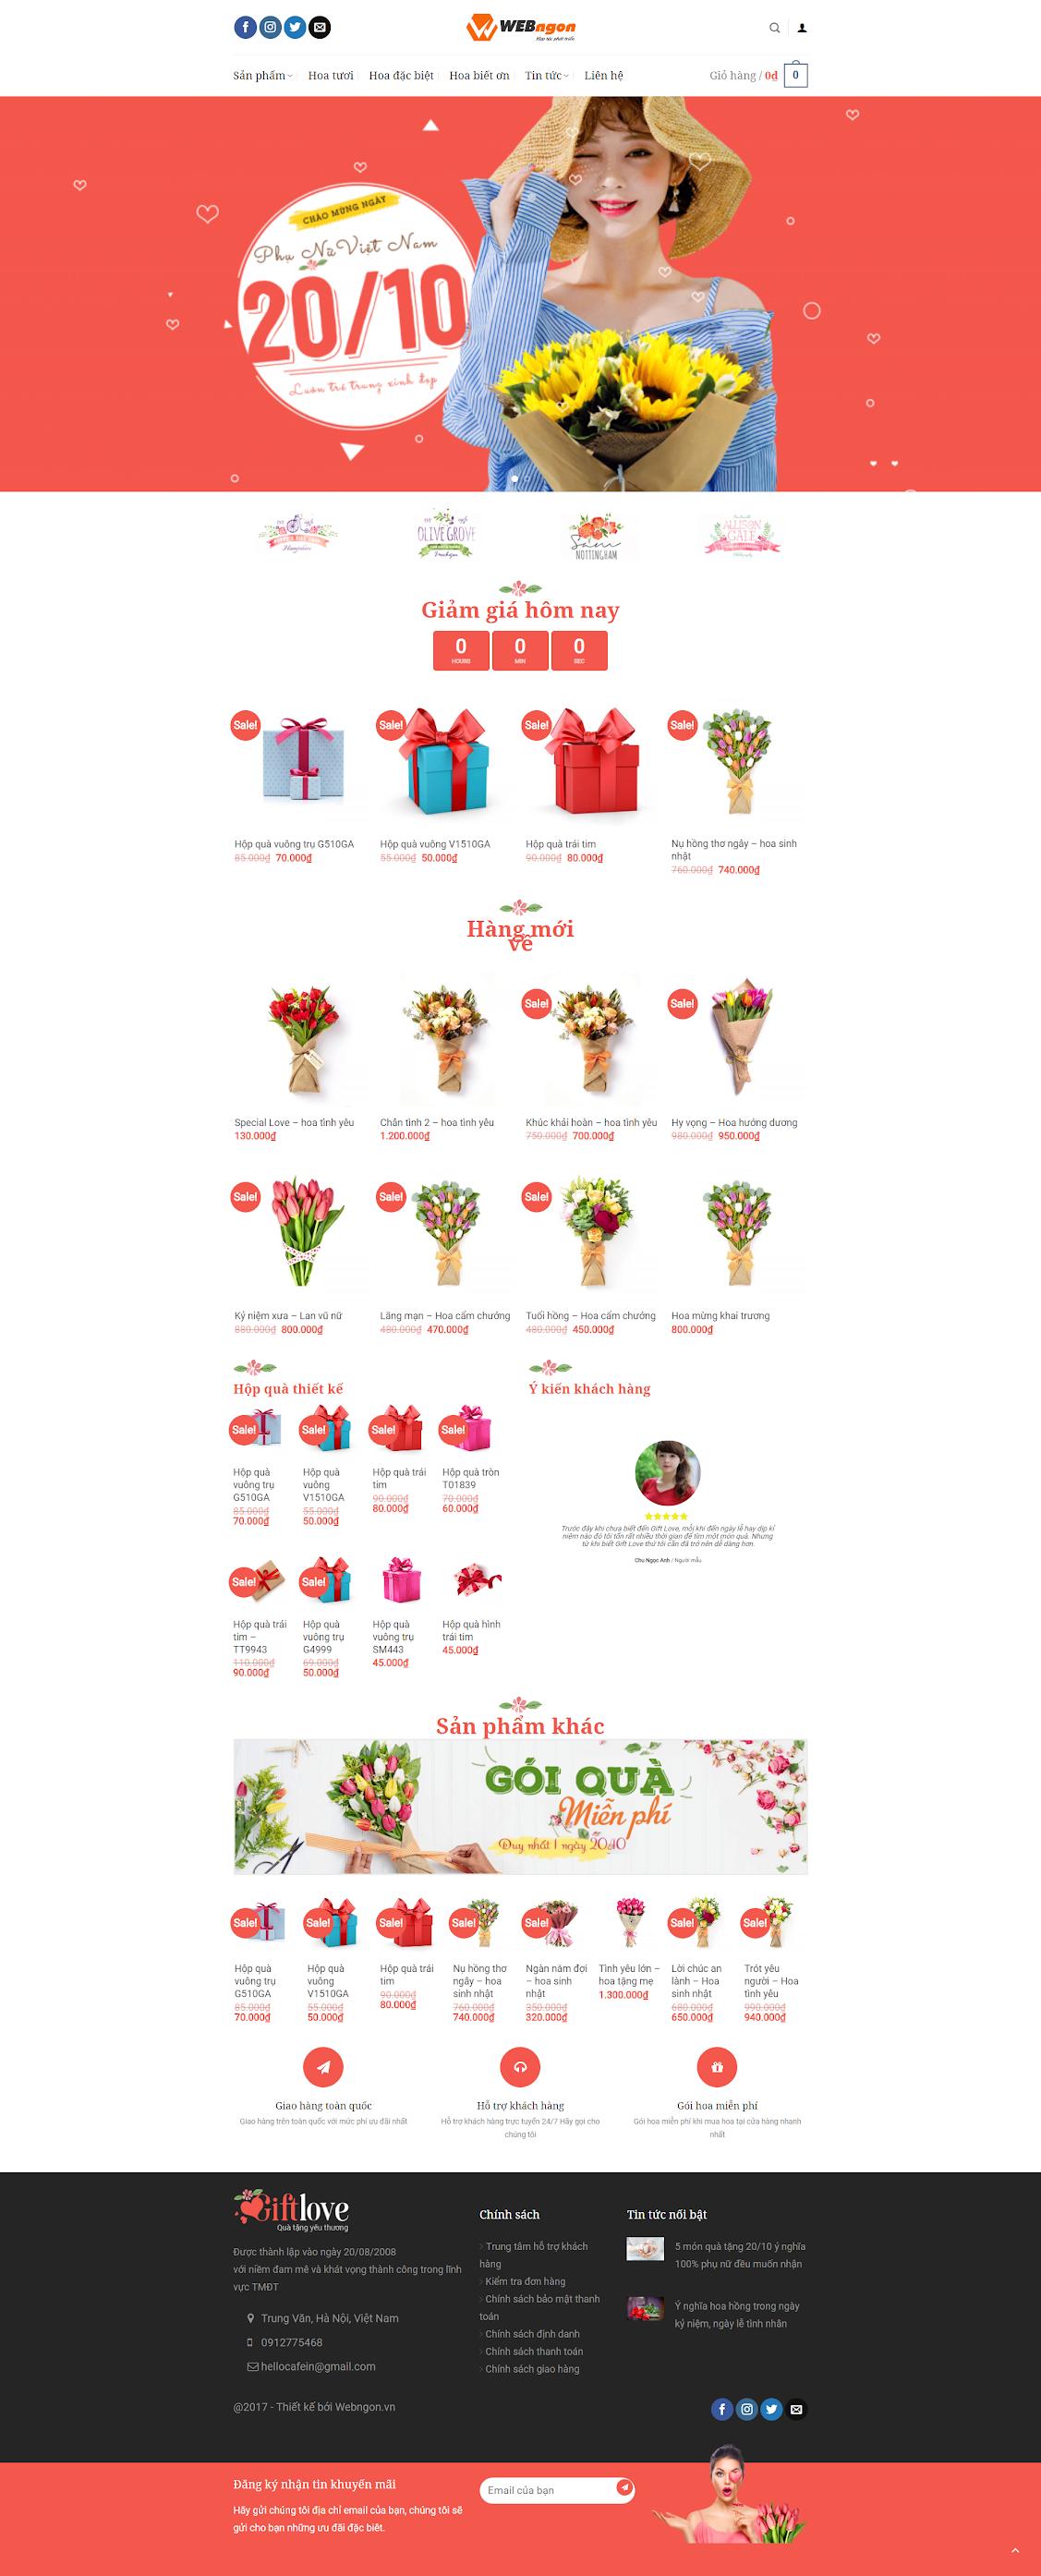 mẫu bán hoa, quà tặng con gái wn043